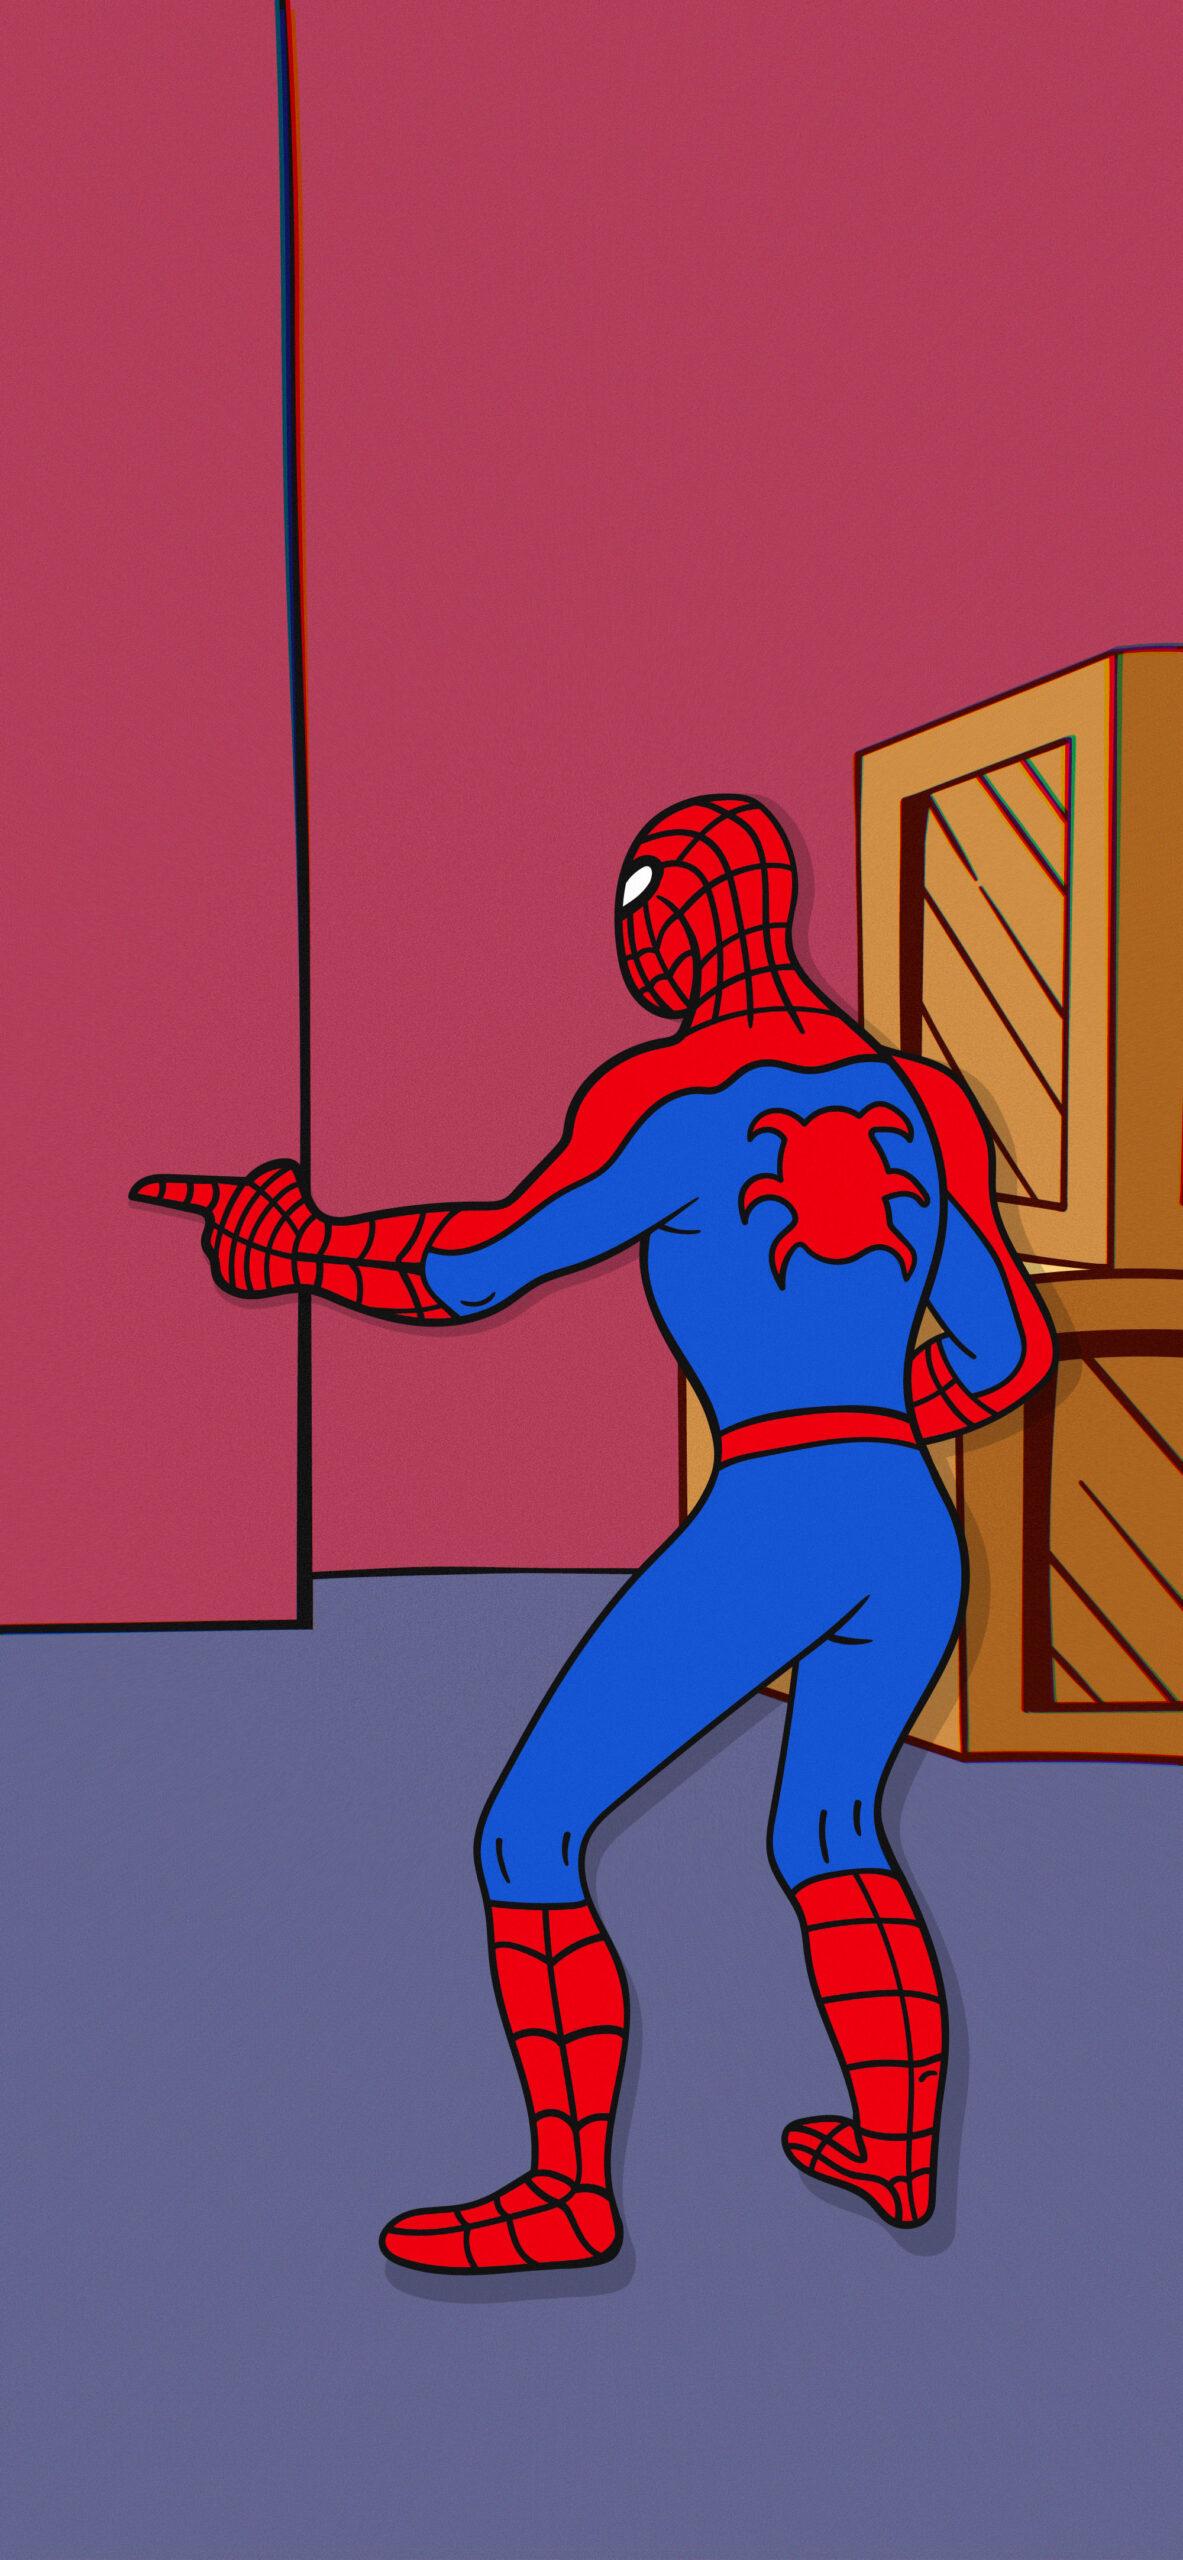 spider man pointing spider man meme wallpaper 2